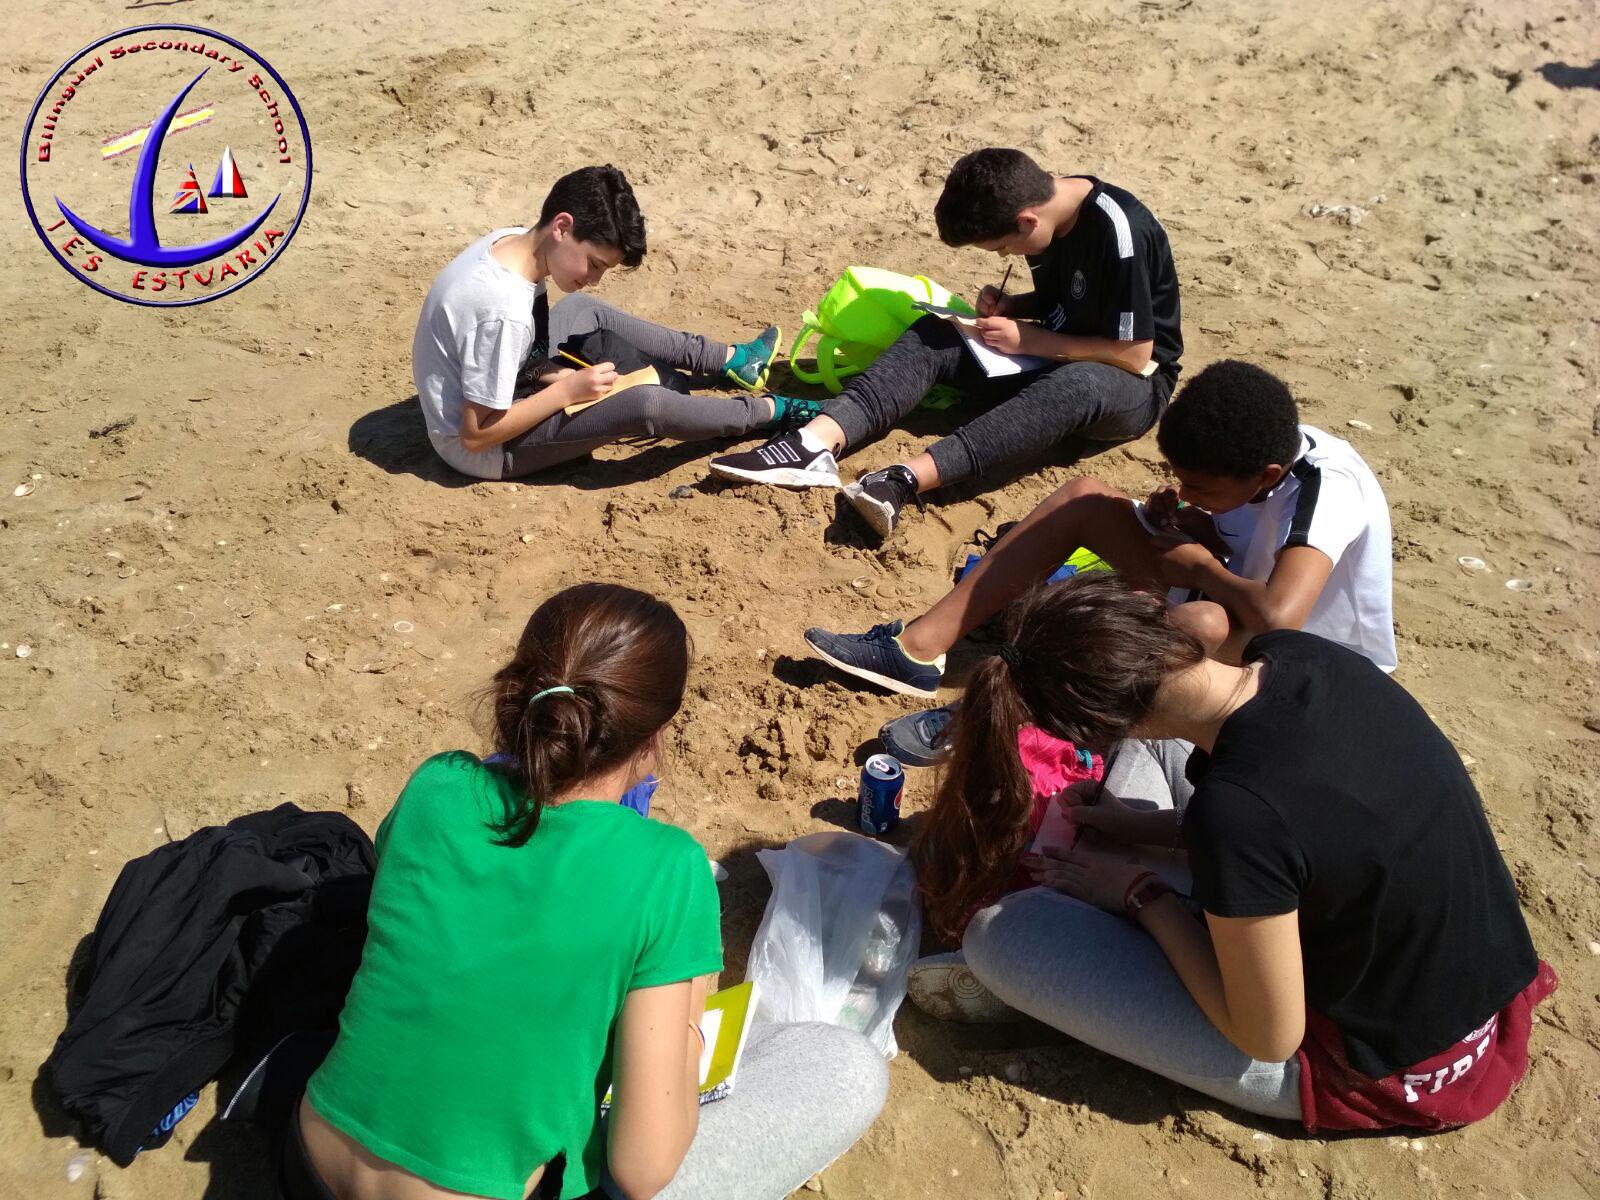 Actividad CORRELIMOS incluida en el Programa ALDEA